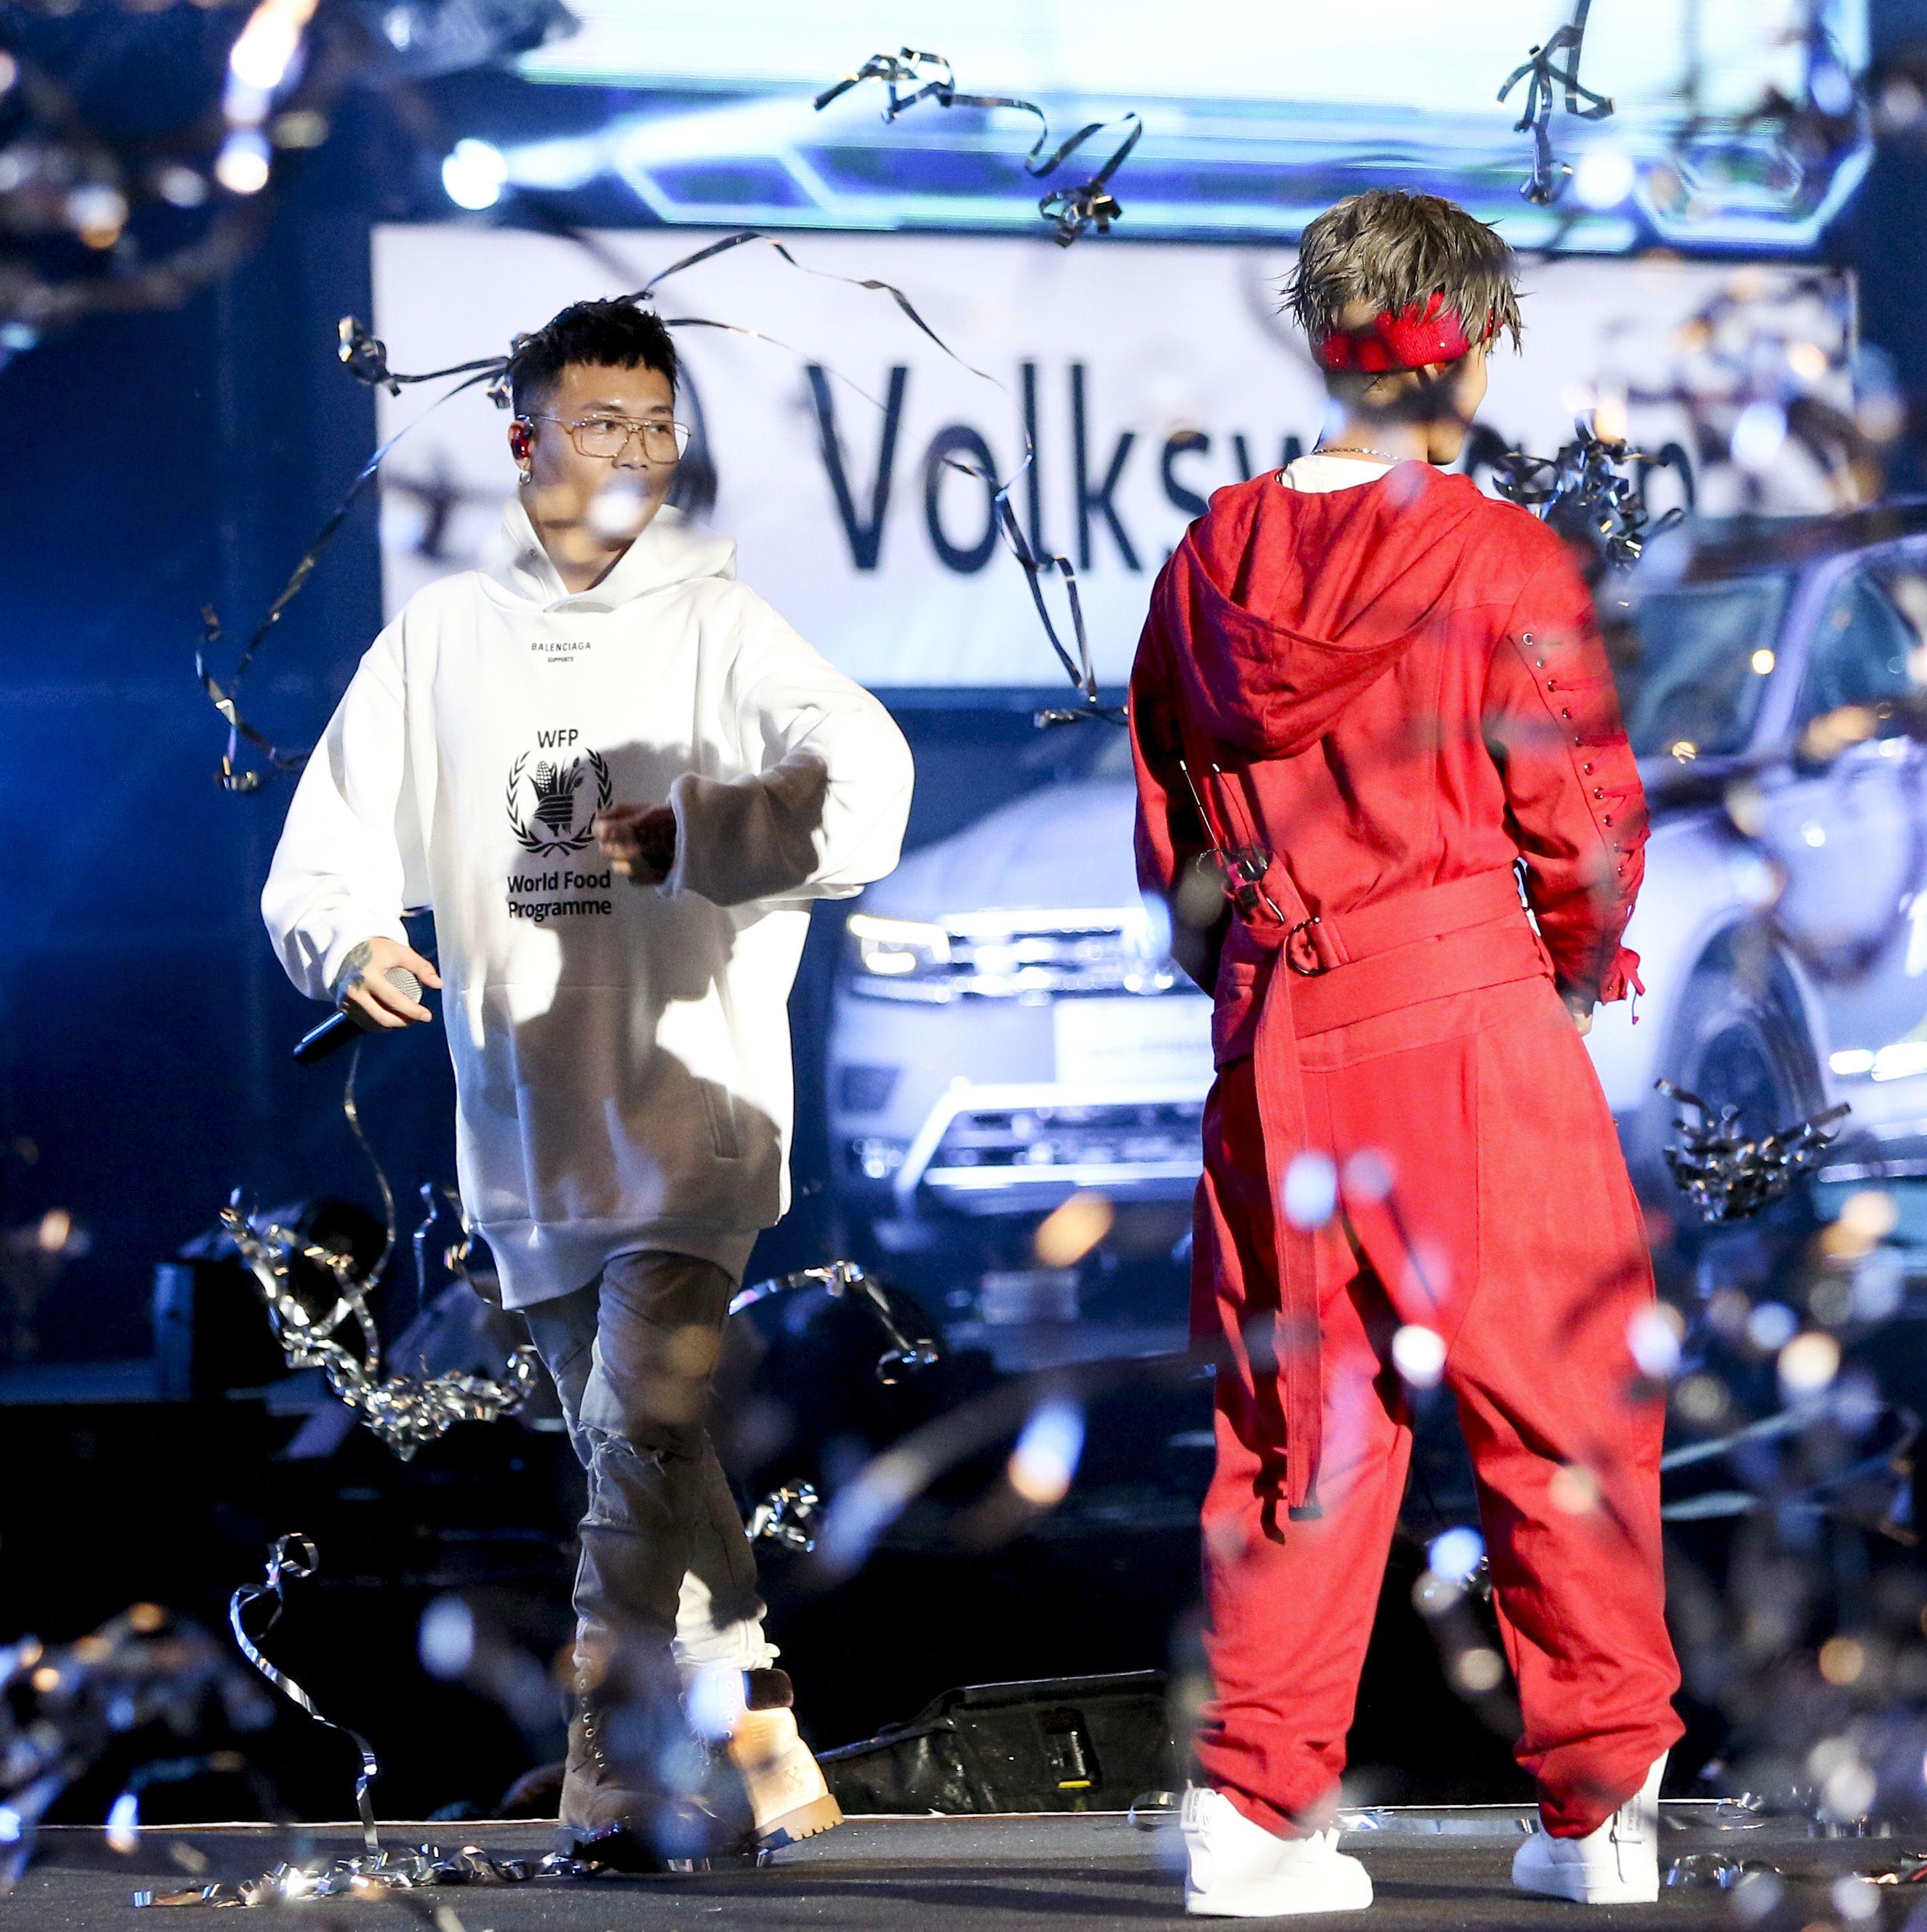 2019臺北市政府跨年晚會演唱嘉賓蕭秉治(廷廷)與鼓鼓重現前魔幻力量樂團的美好時光。(記者林士傑/攝影)